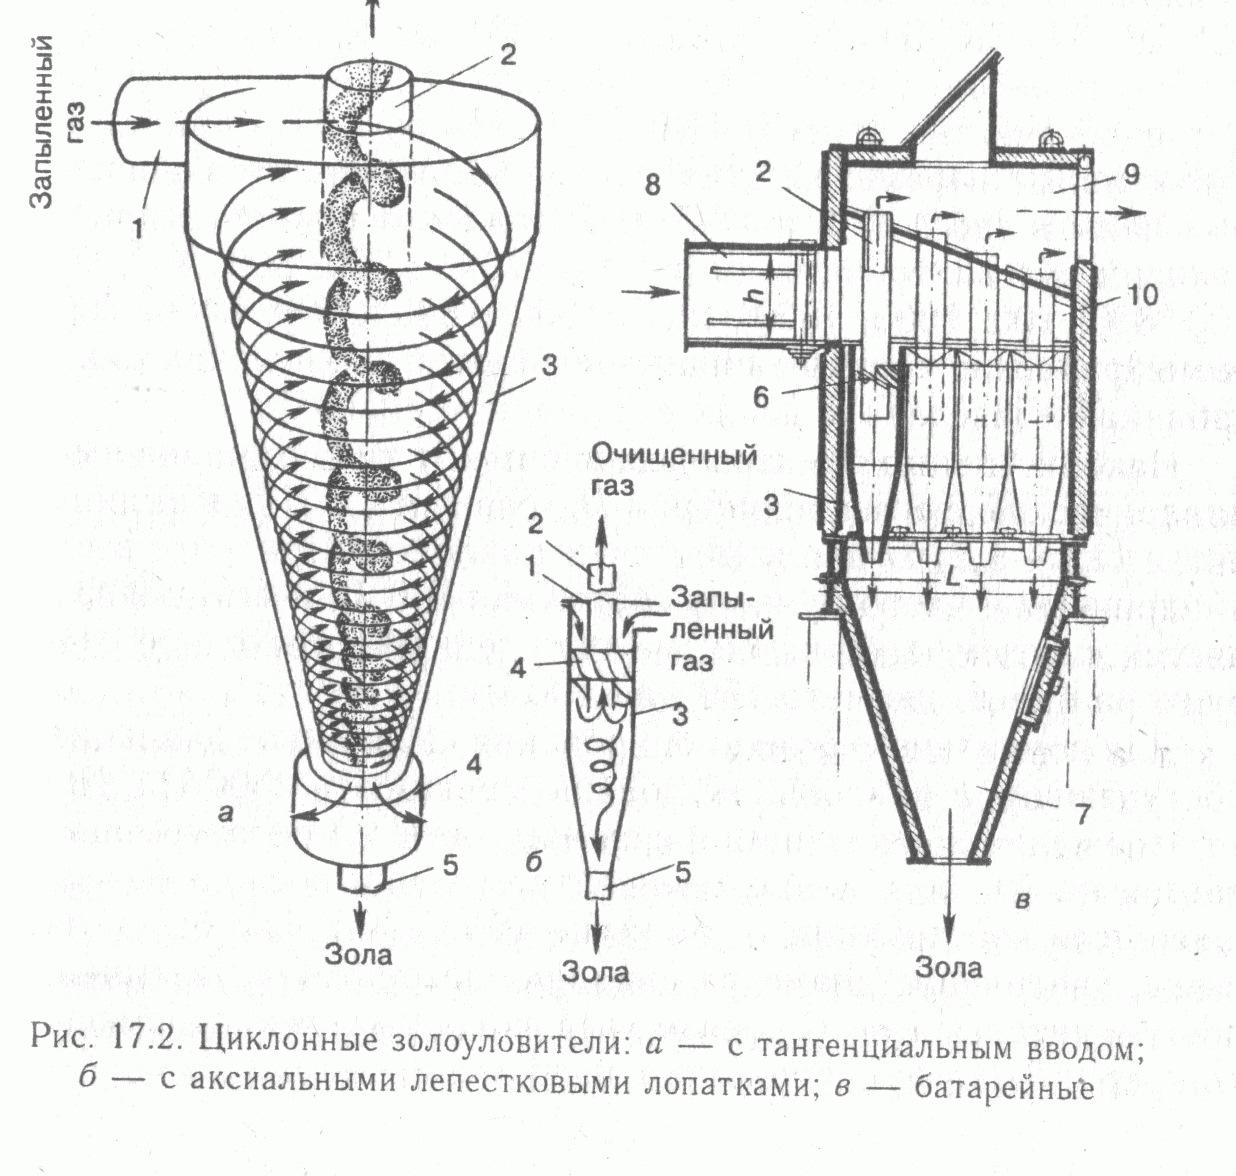 Как сделать циклон для пылесоса своими руками: изготовление циклонного фильтра в домашних условиях